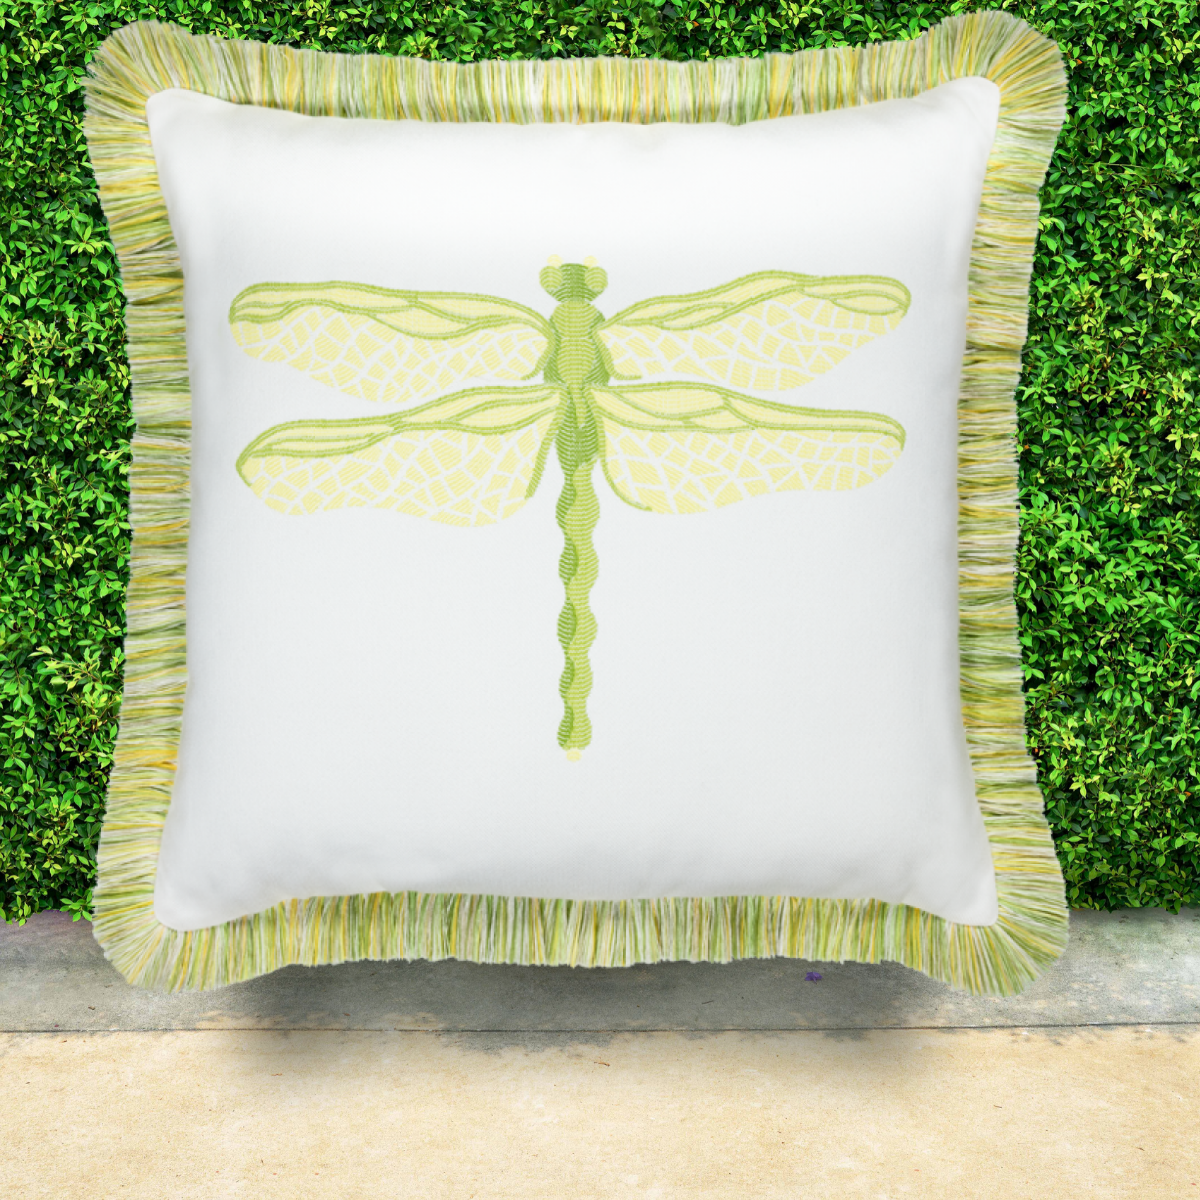 elaine-smith-sunbrella-dragonfly-pillow-citron